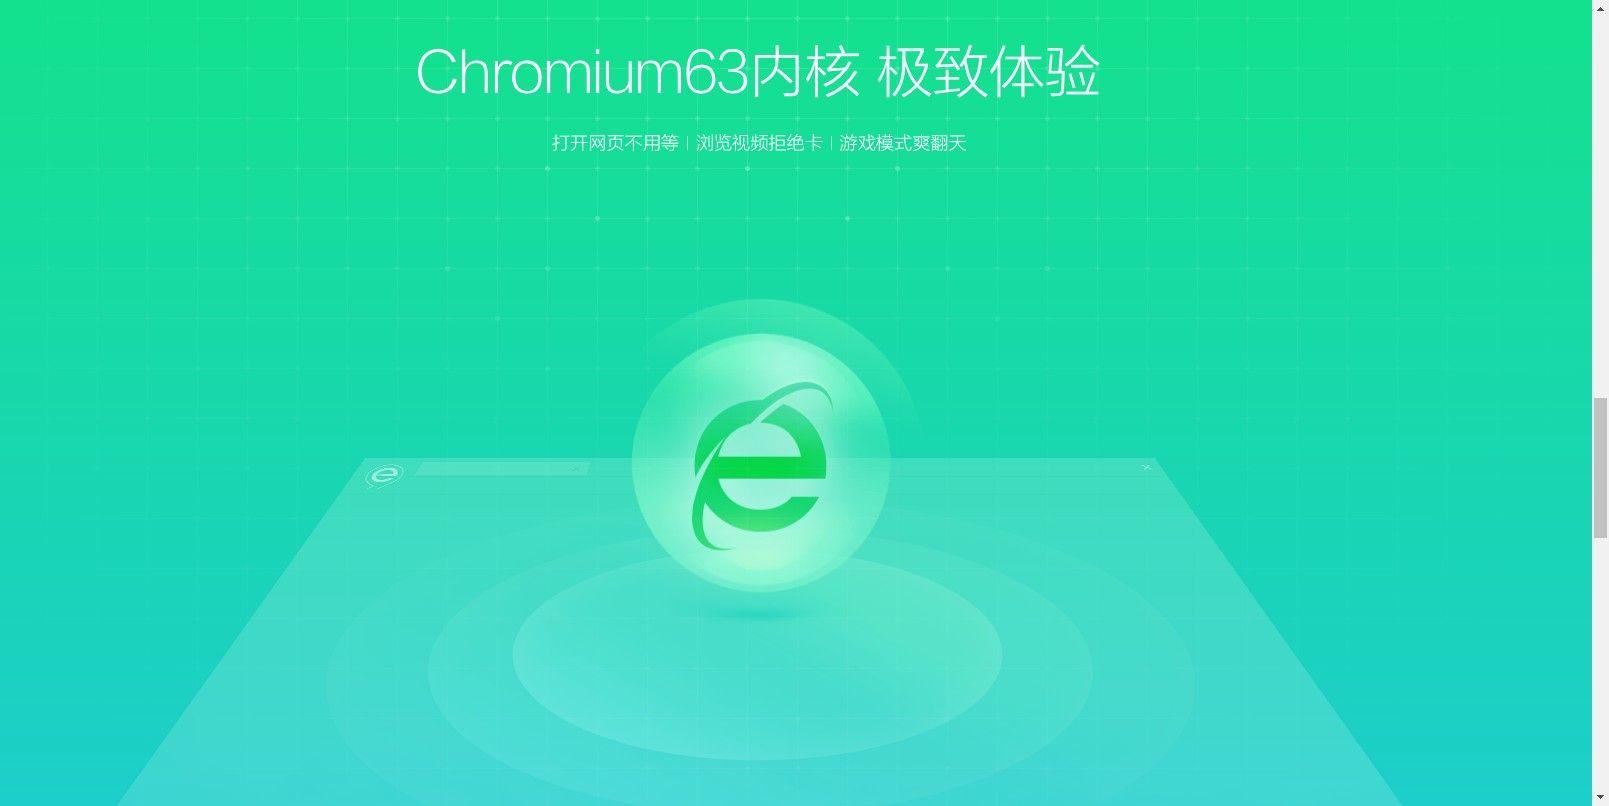 360安全浏览器2018电脑版图1